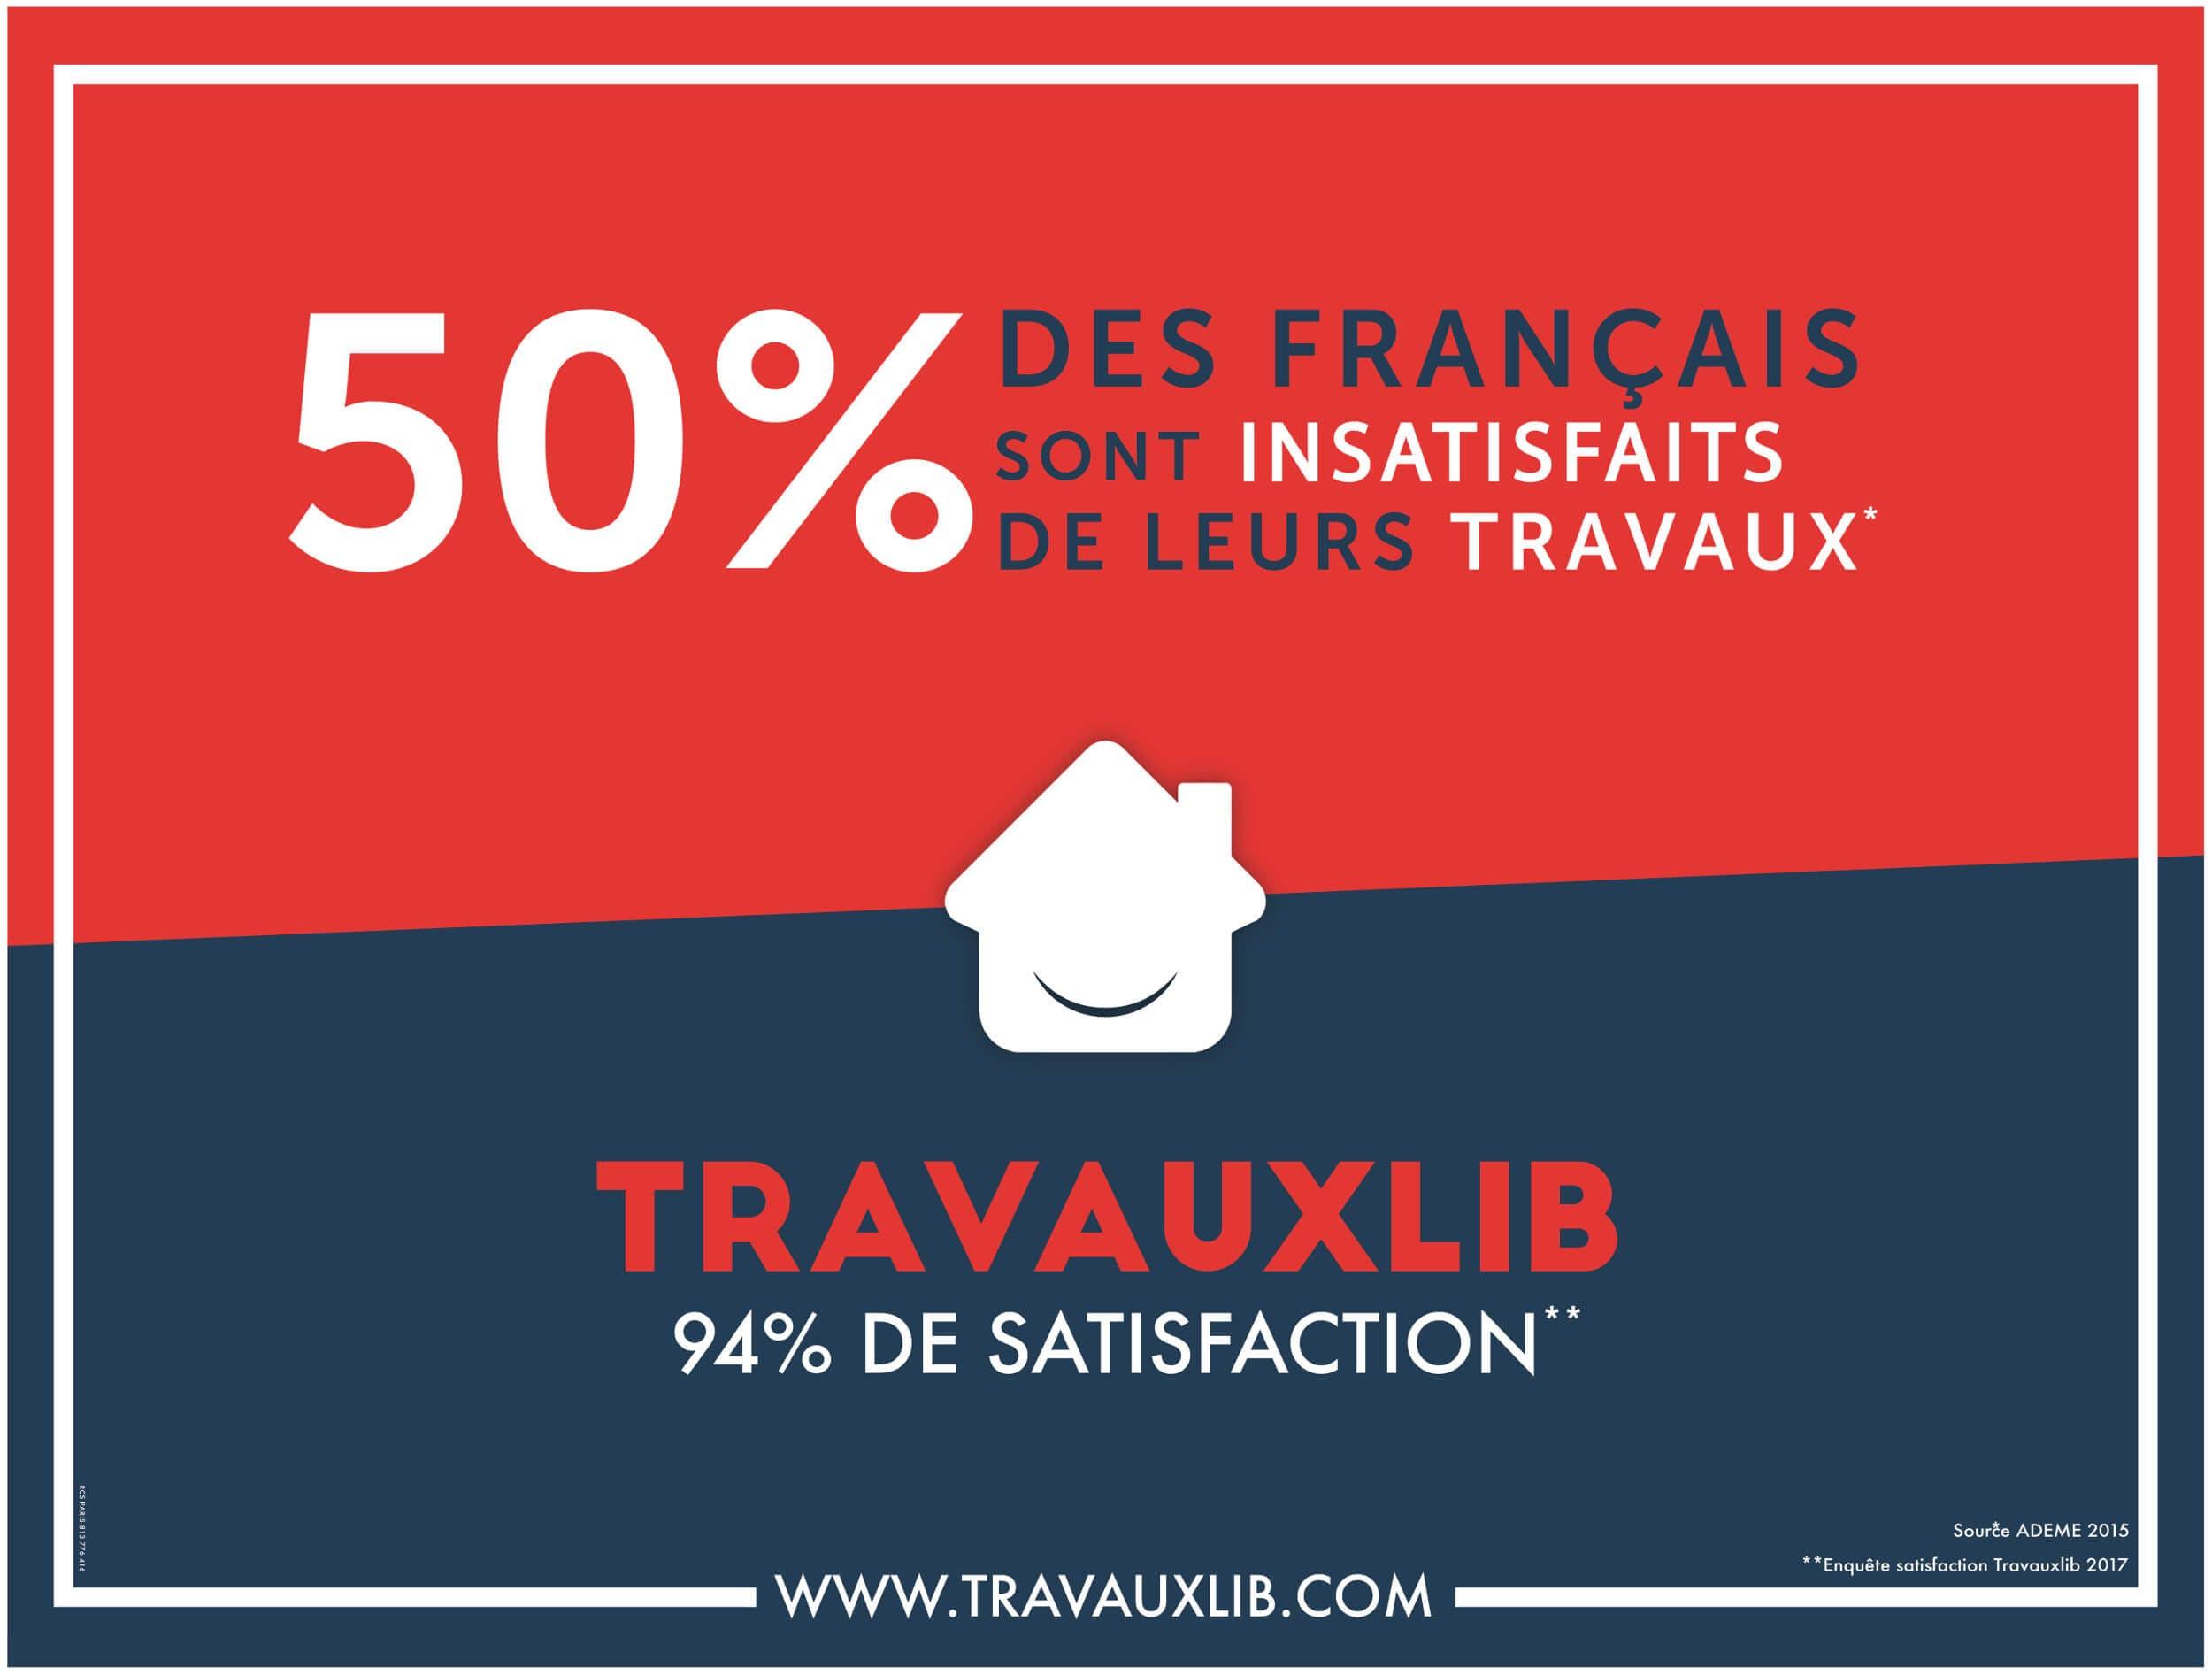 Pub Metro 50% des Francais sont insatisfaits de leurs travaux hemea